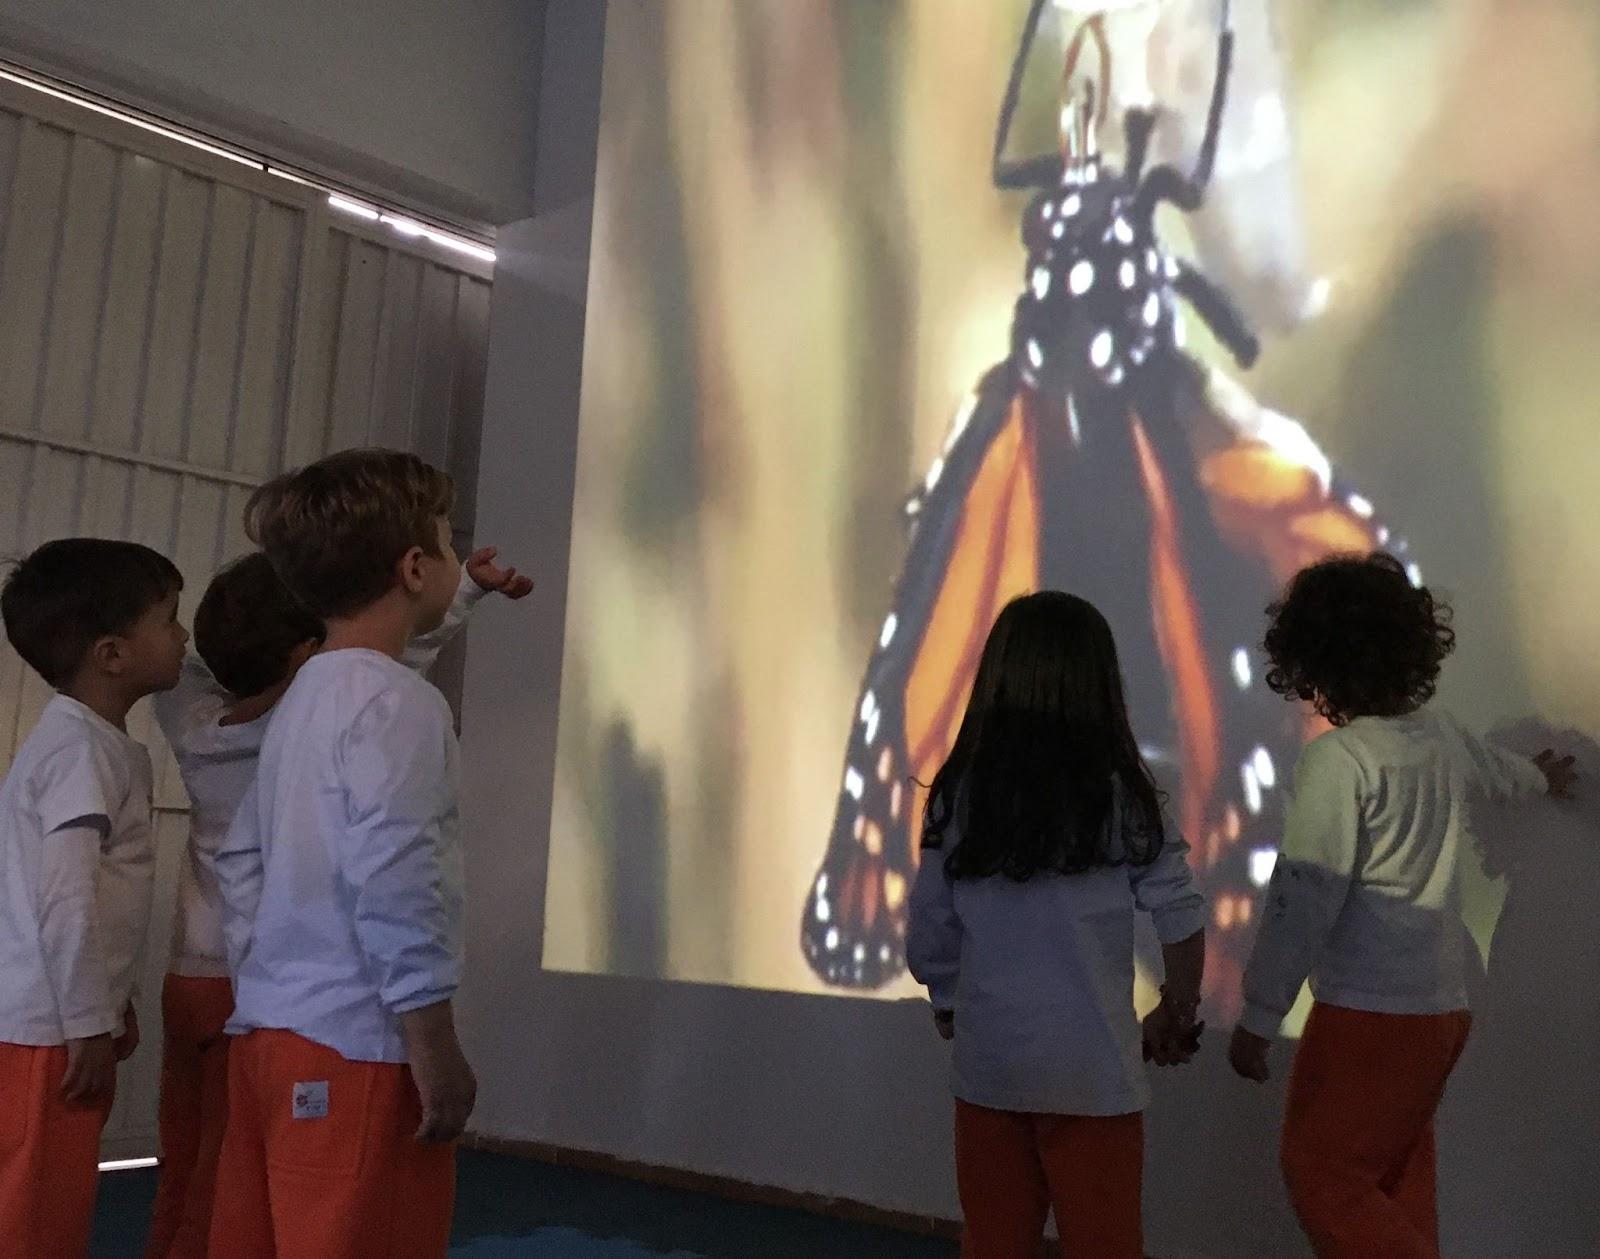 A imagem mostra um grupo de crianças de camisetas brancas e calças de cor de laranja observando uma imagem. A imagem projetada mostra uma borboleta de asas cor de laranja, preto e pintas brancas.